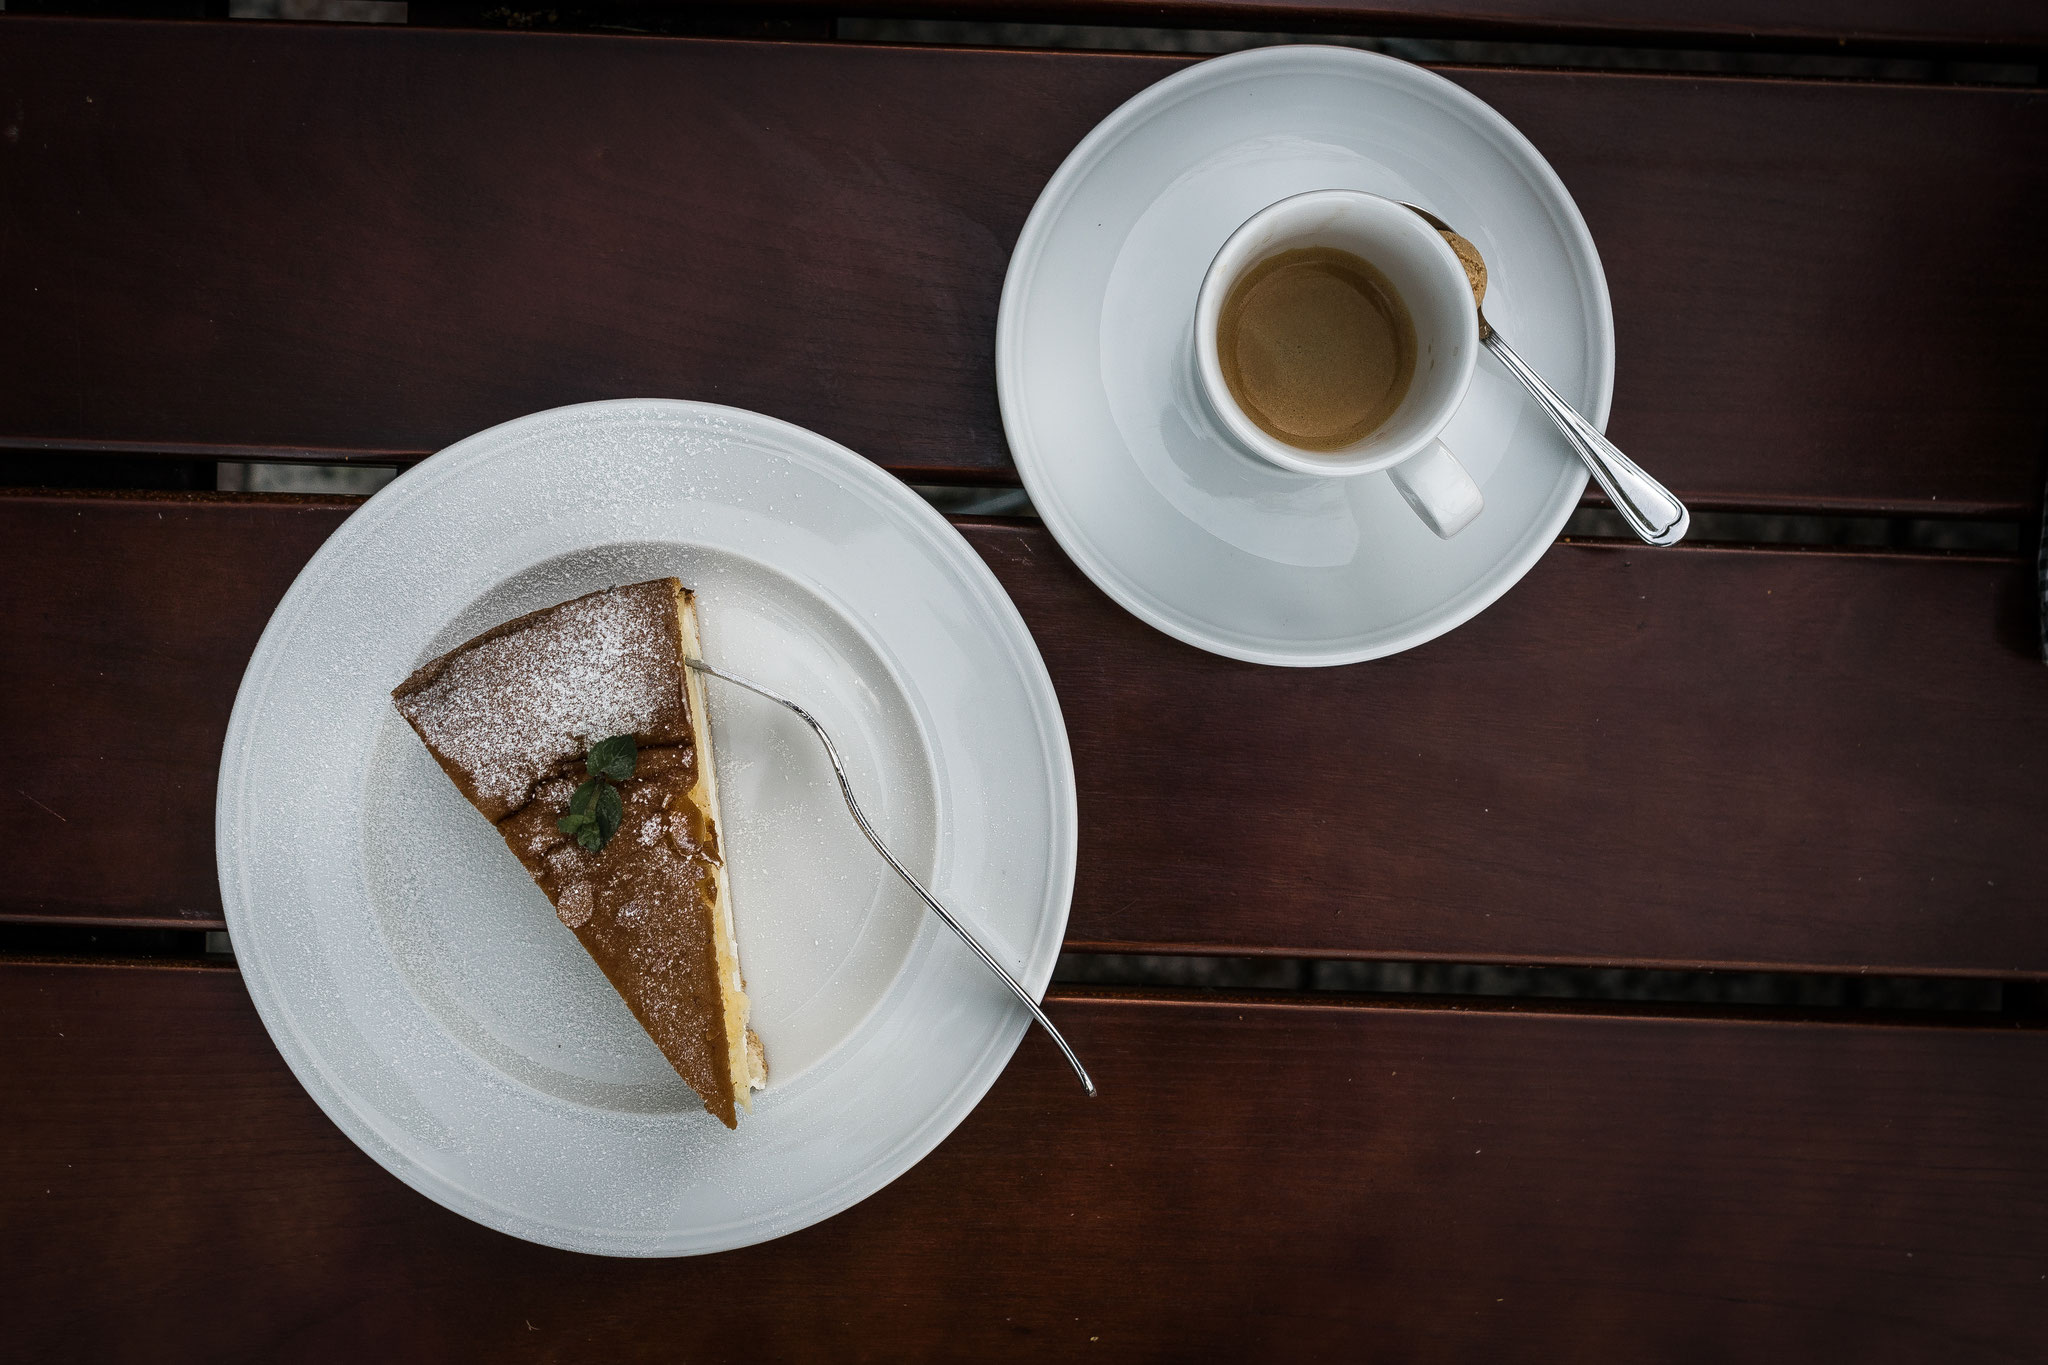 Kuchen aus der Bäckerei Lauermann in Gohrisch mit frischem Kaffee